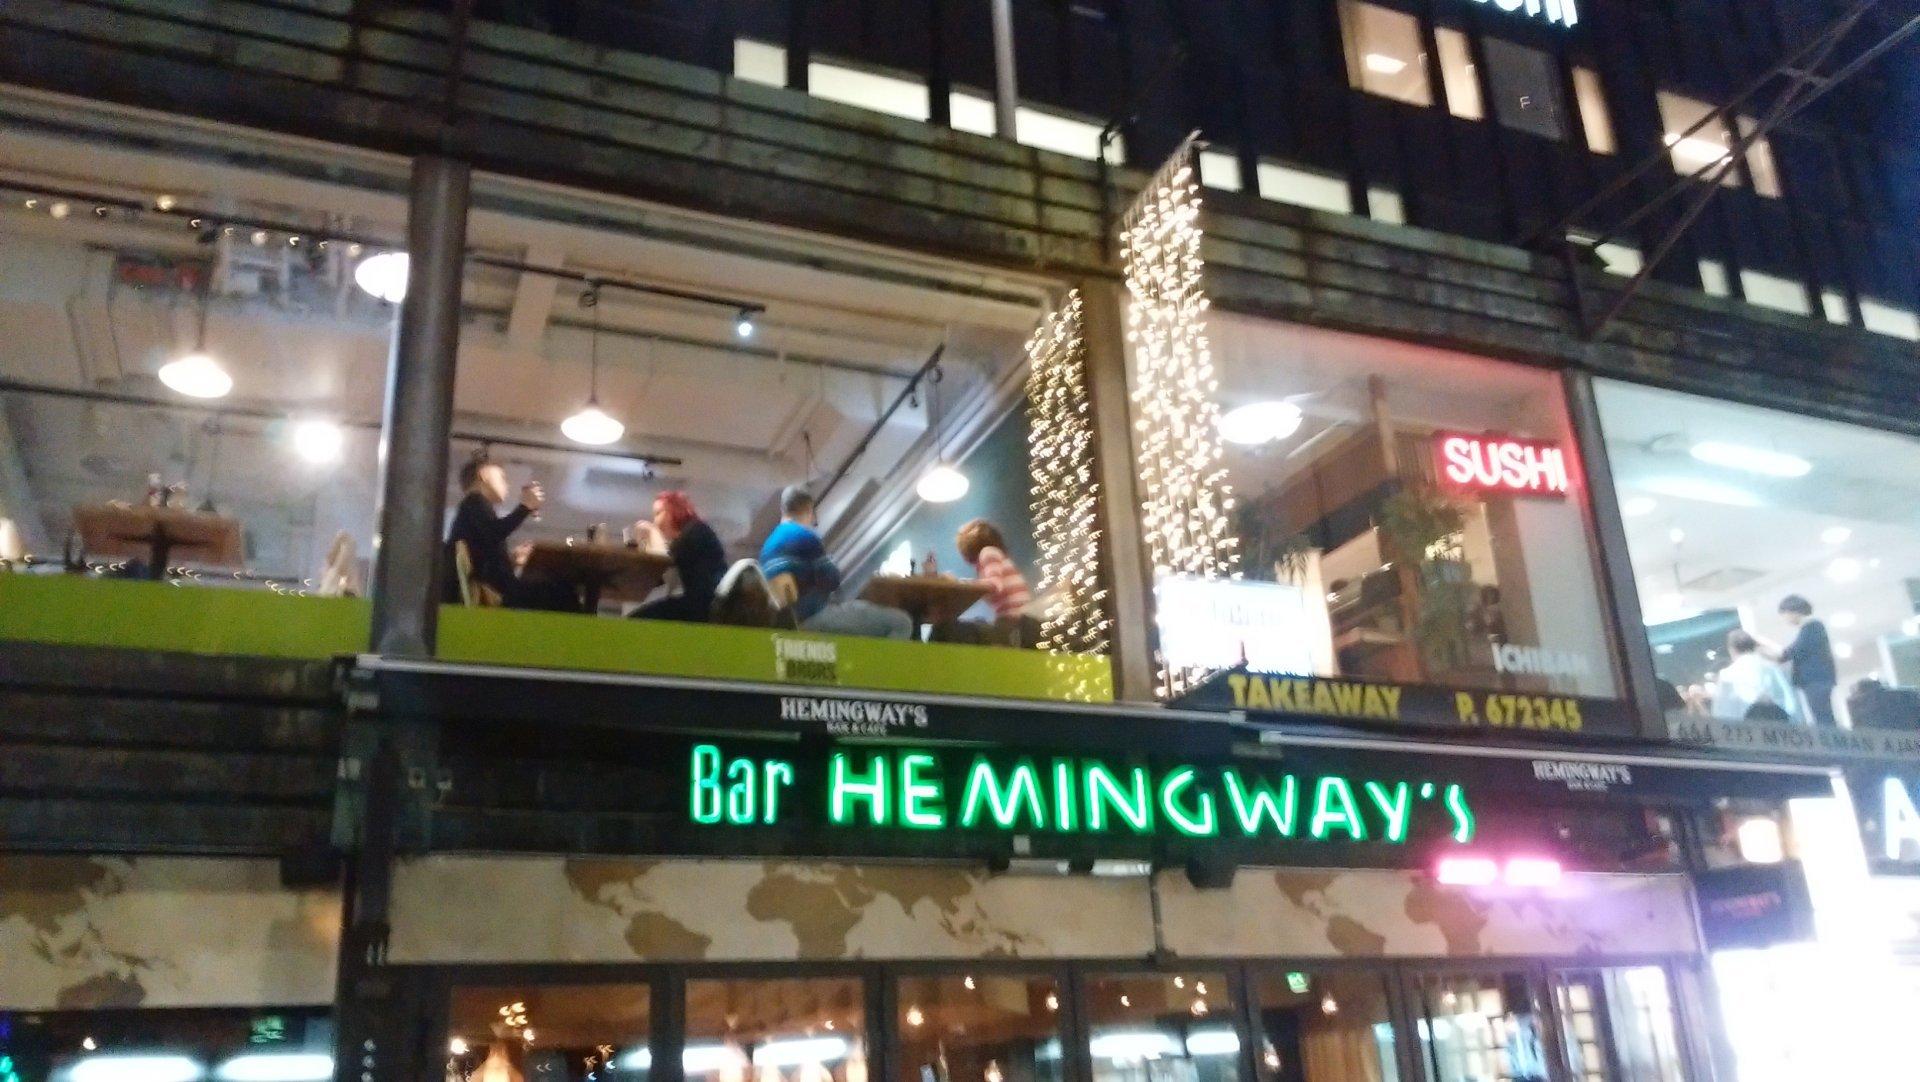 ヘルシンキ中央駅近くの飲食店街を歩く。SUSHIのディスプレーが光る飲食店が多いことに気づかされた